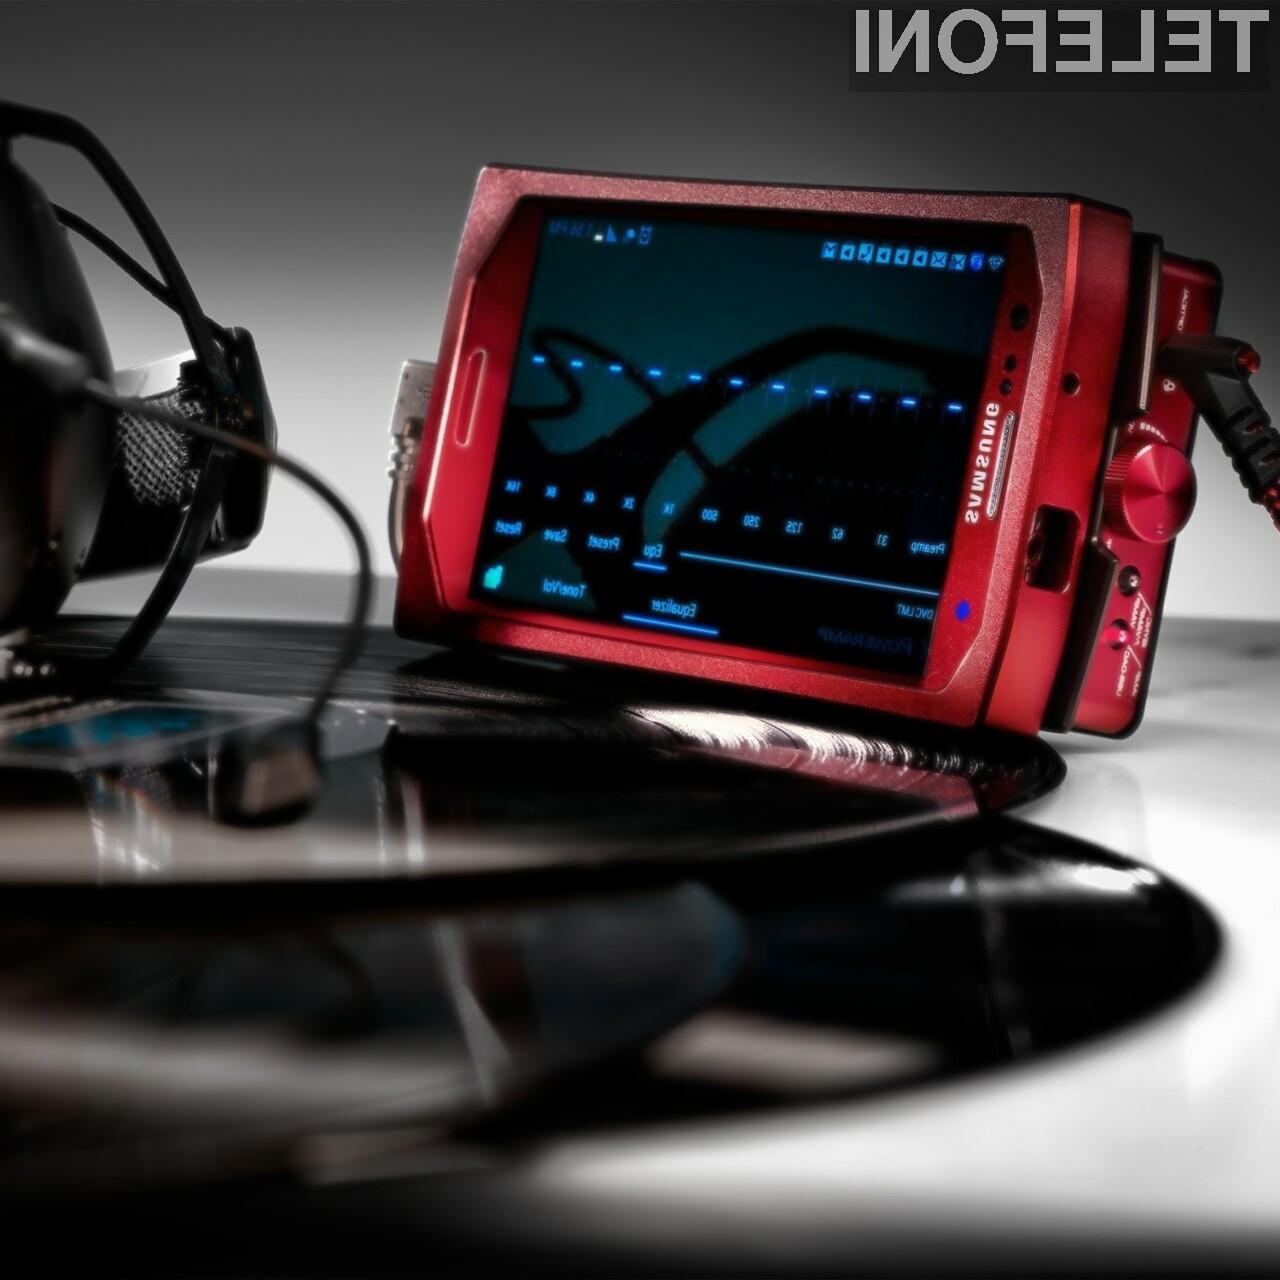 Vamp Verza je mini mobilni ojačevalnik za tiste, ki brez vrhunskega zvoka preprosto ne znajo živeti.